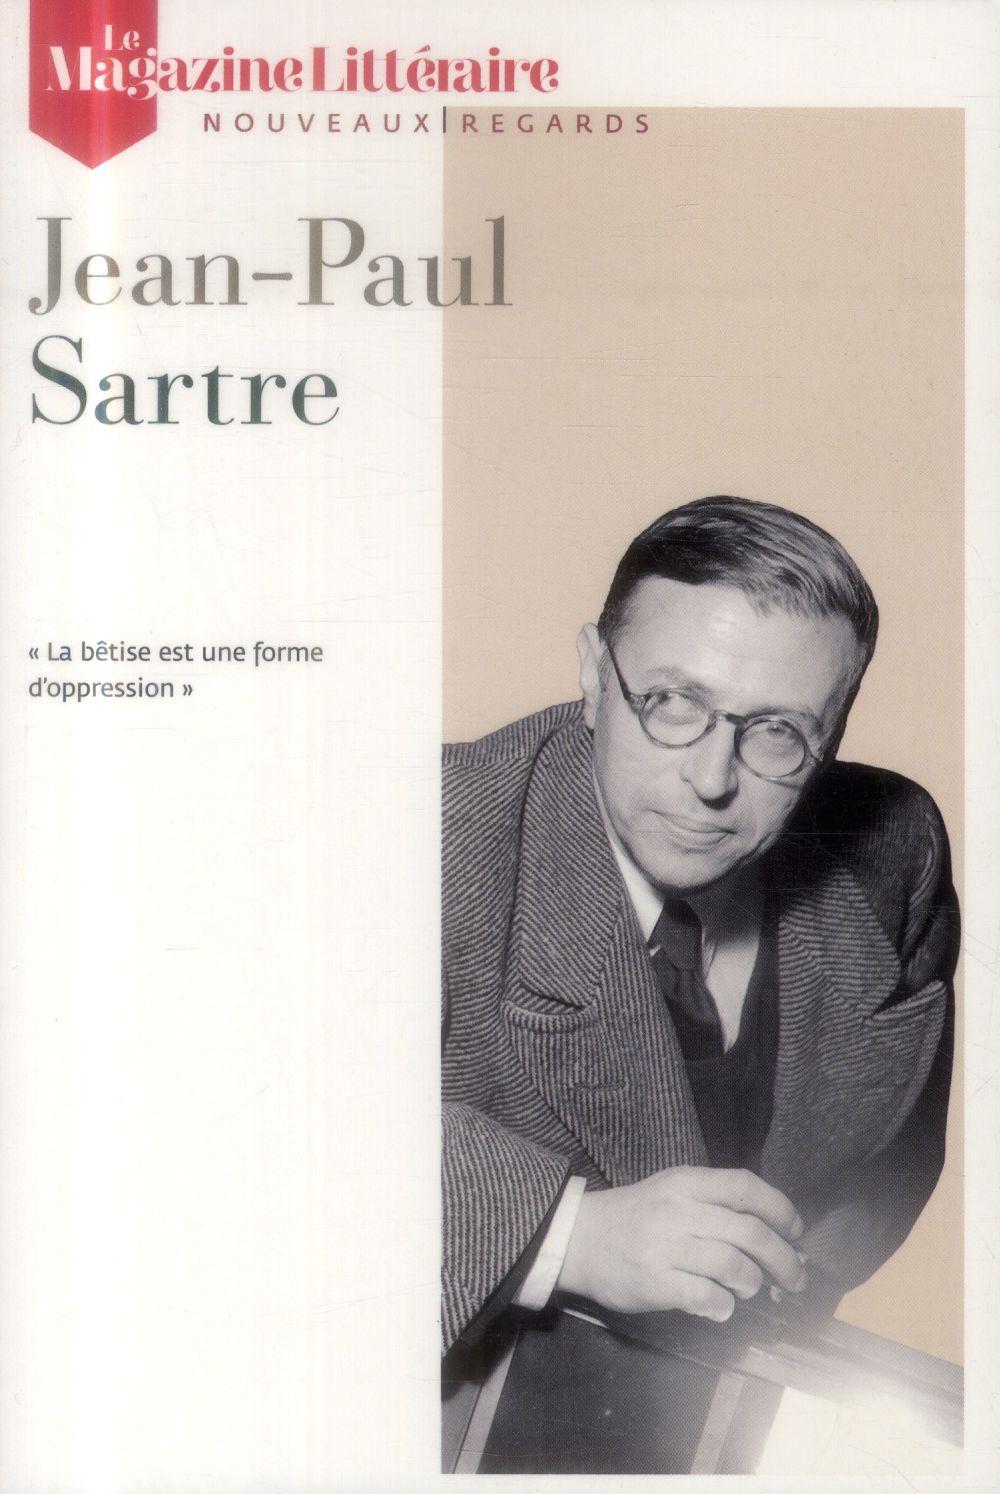 Le magazine litteraire; jean-paul sartre